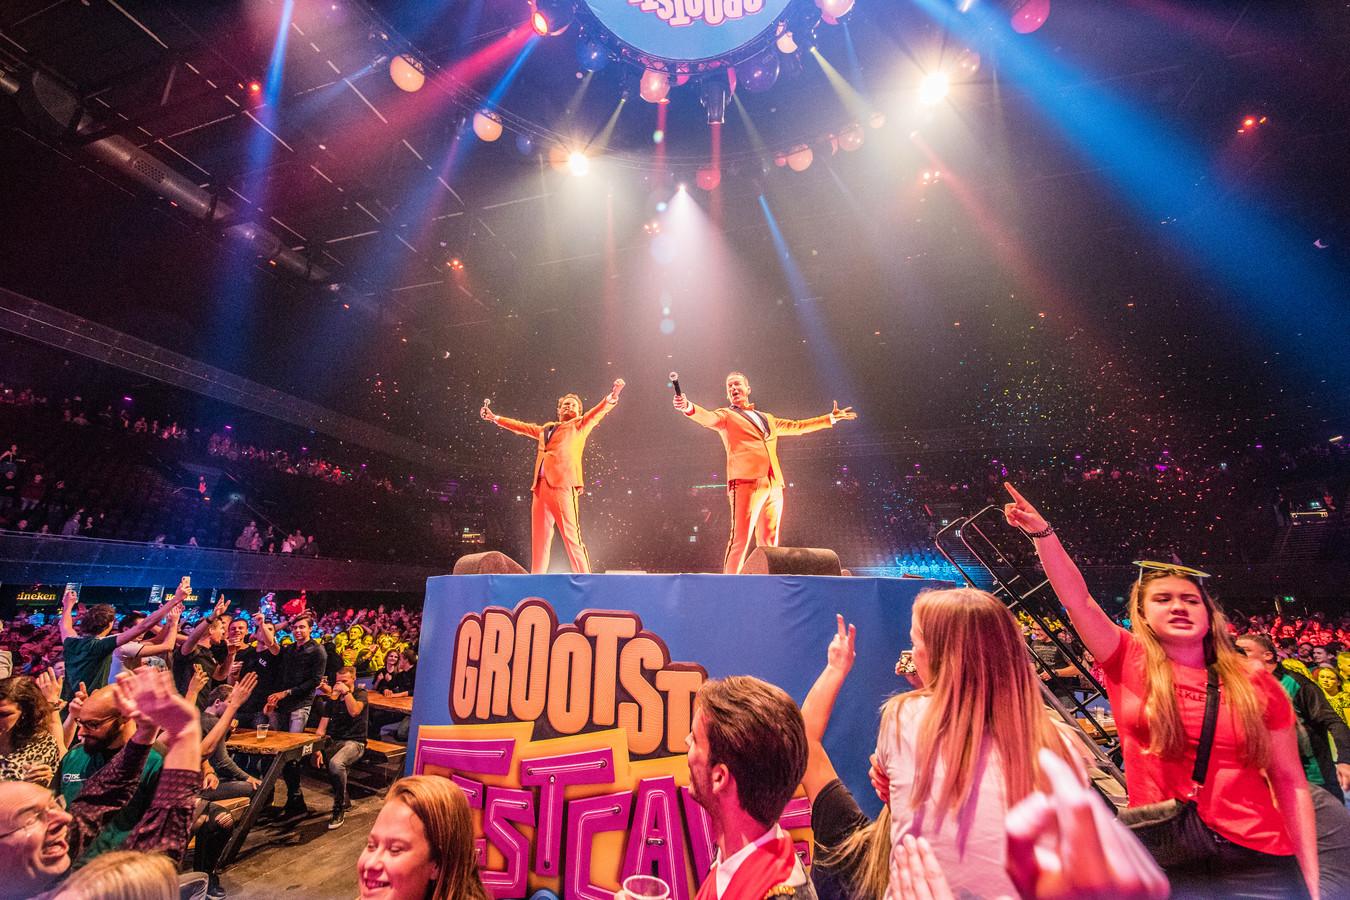 Het Feestteam op 25 januari dit jaar in de Amsterdamse Ziggo Dome.